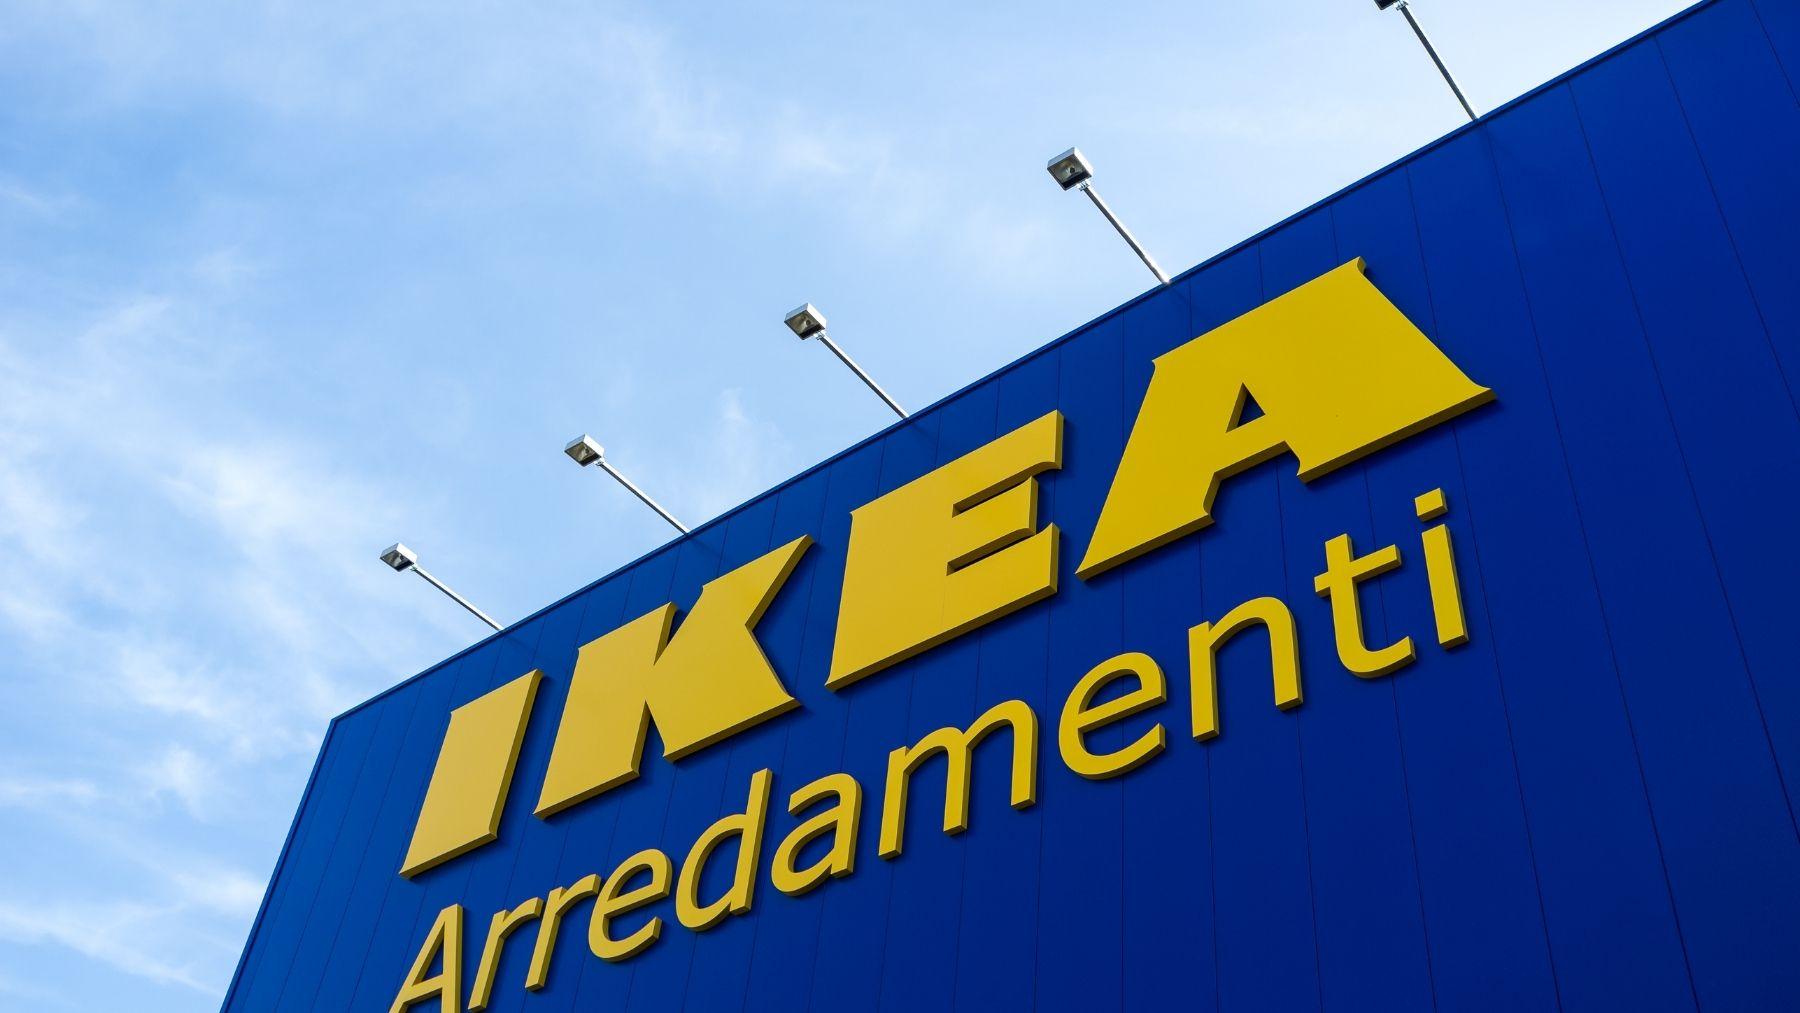 El nuevo producto de Ikea que ha revolucionado el mercado.